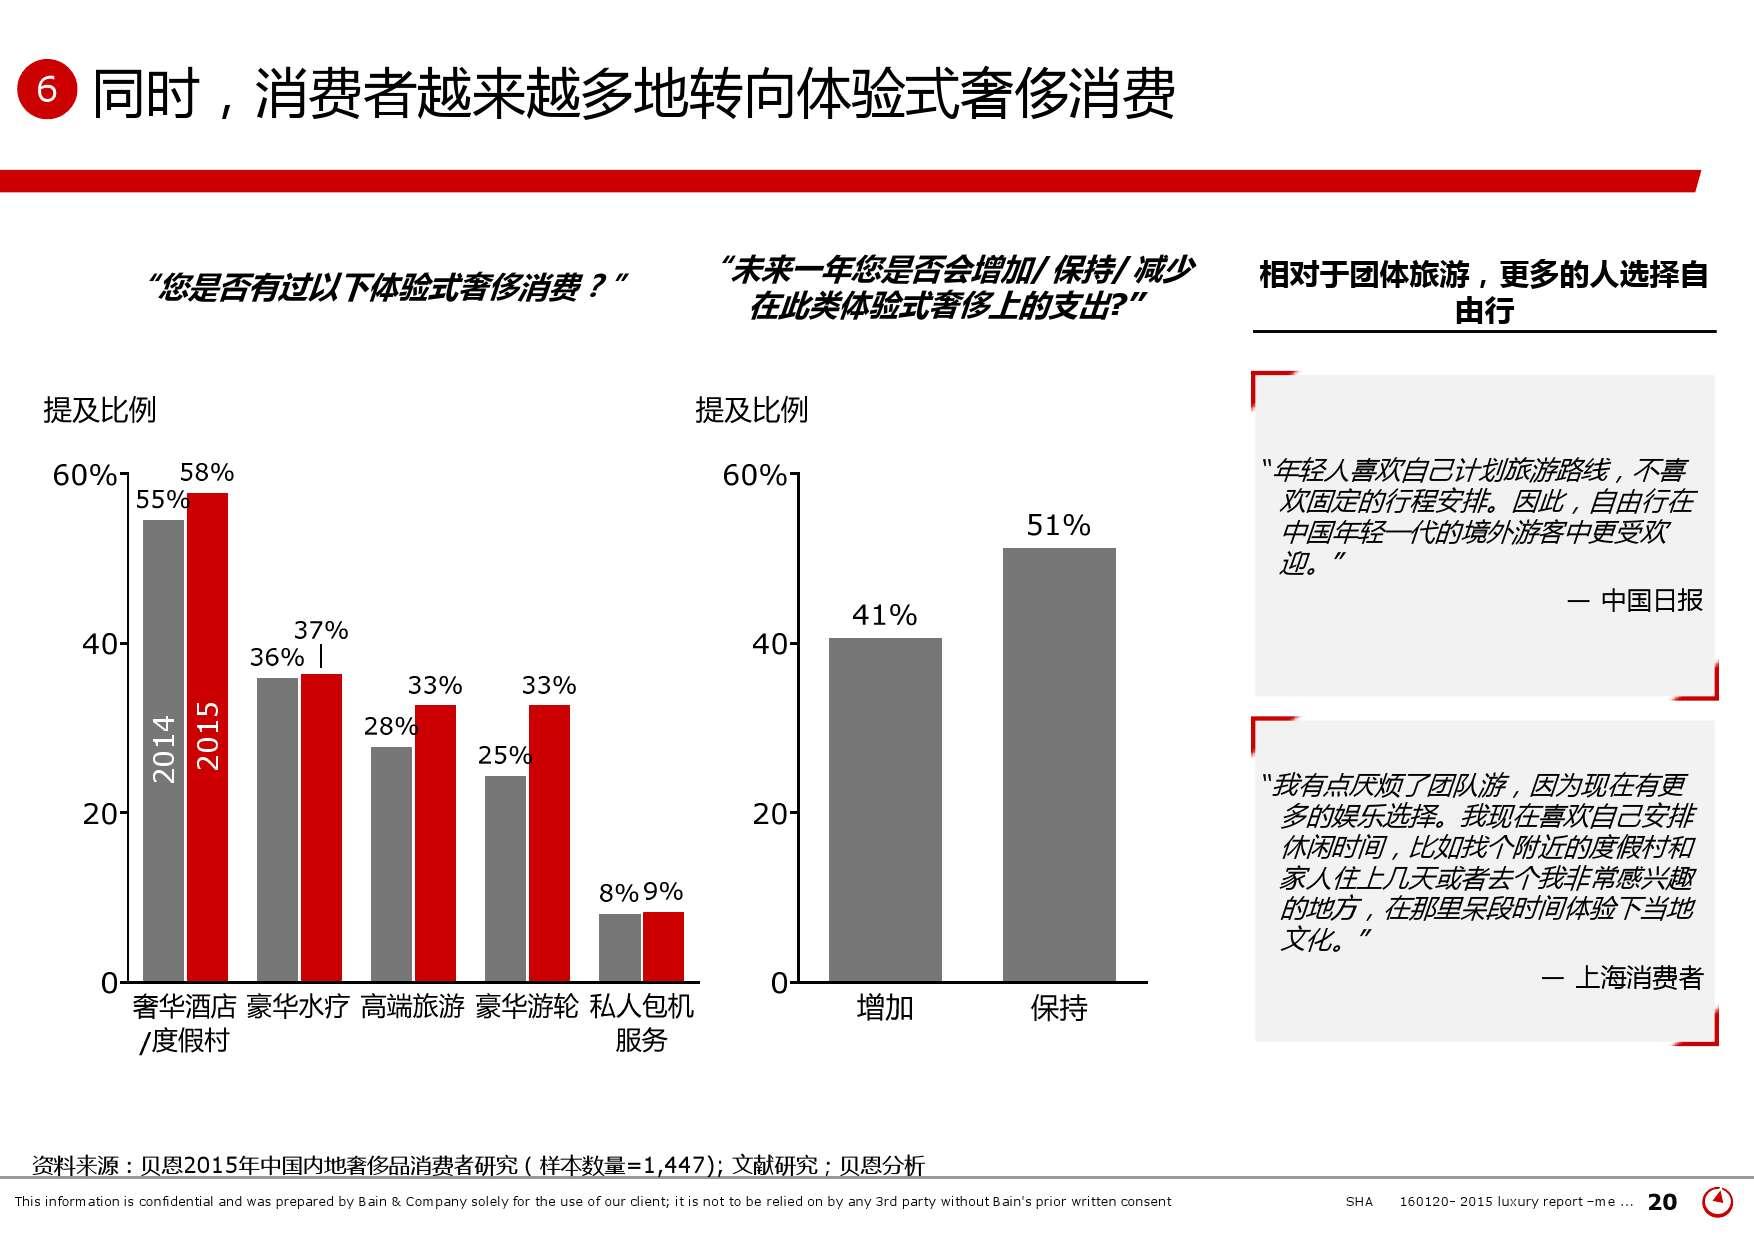 2015年中国奢侈品市场研究报告_000020